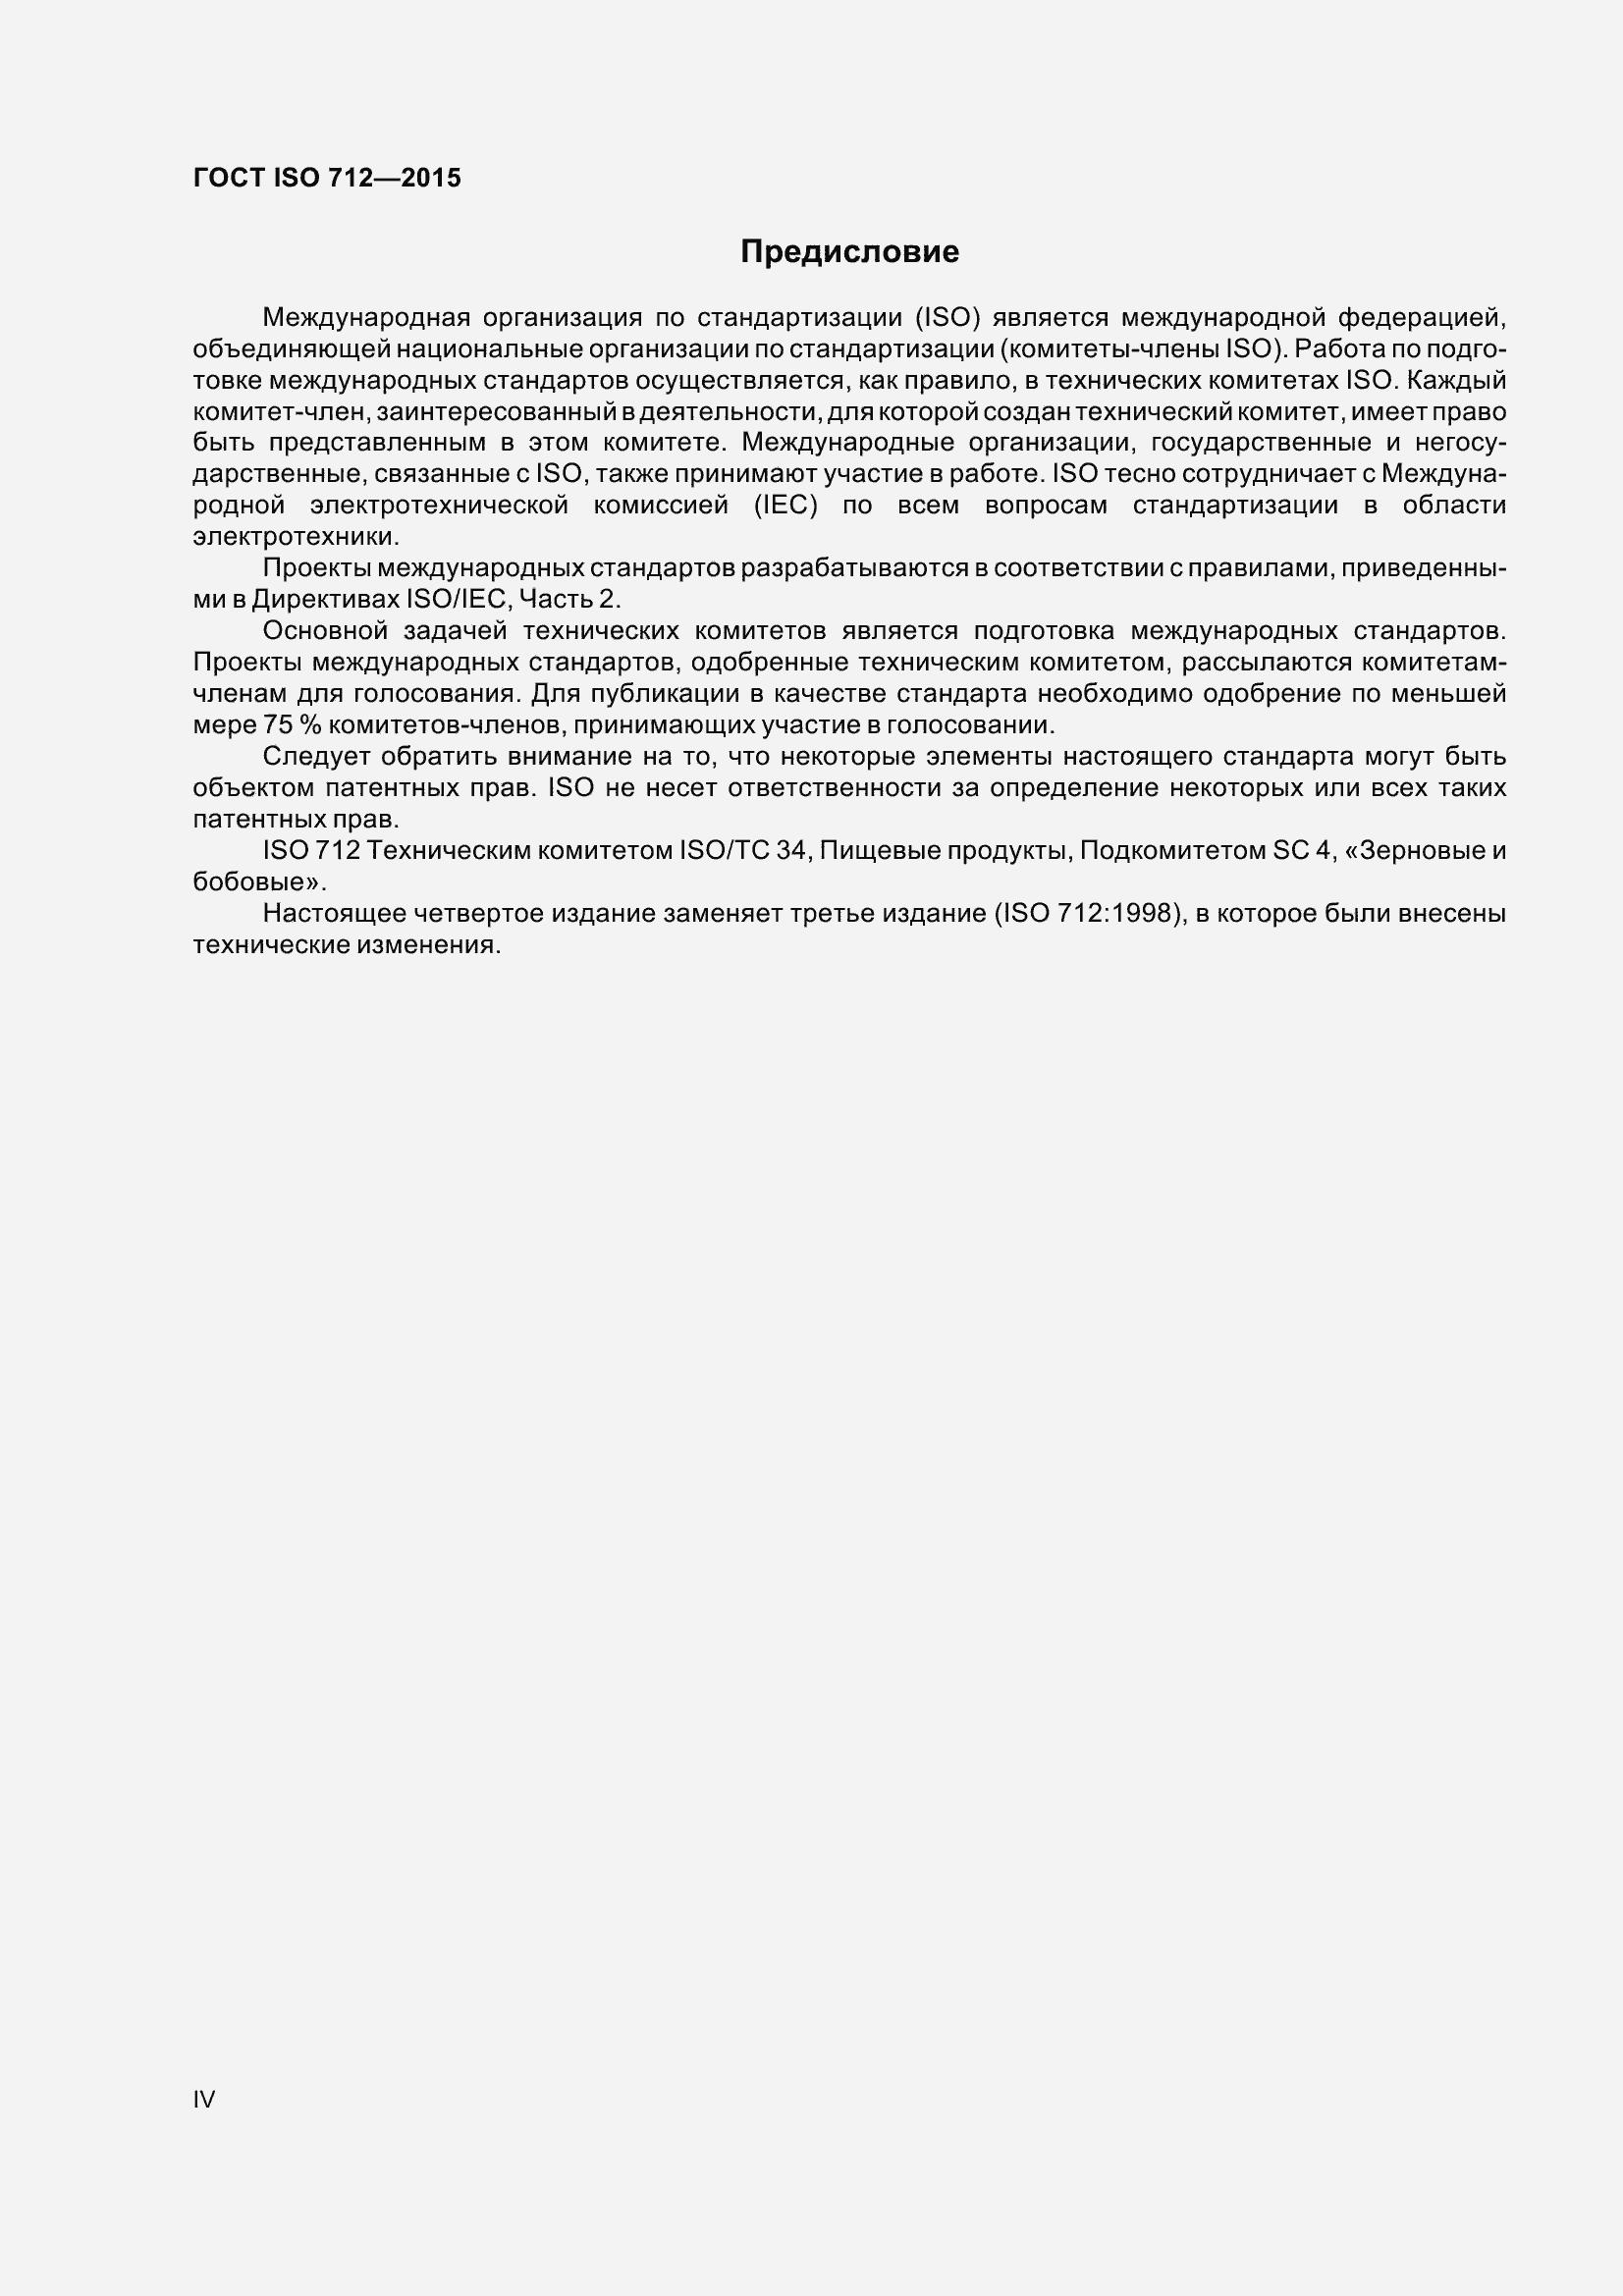 ГОСТ iso Зерно и зерновые продукты Определение  ГОСТ iso 712 2015 Страница 4